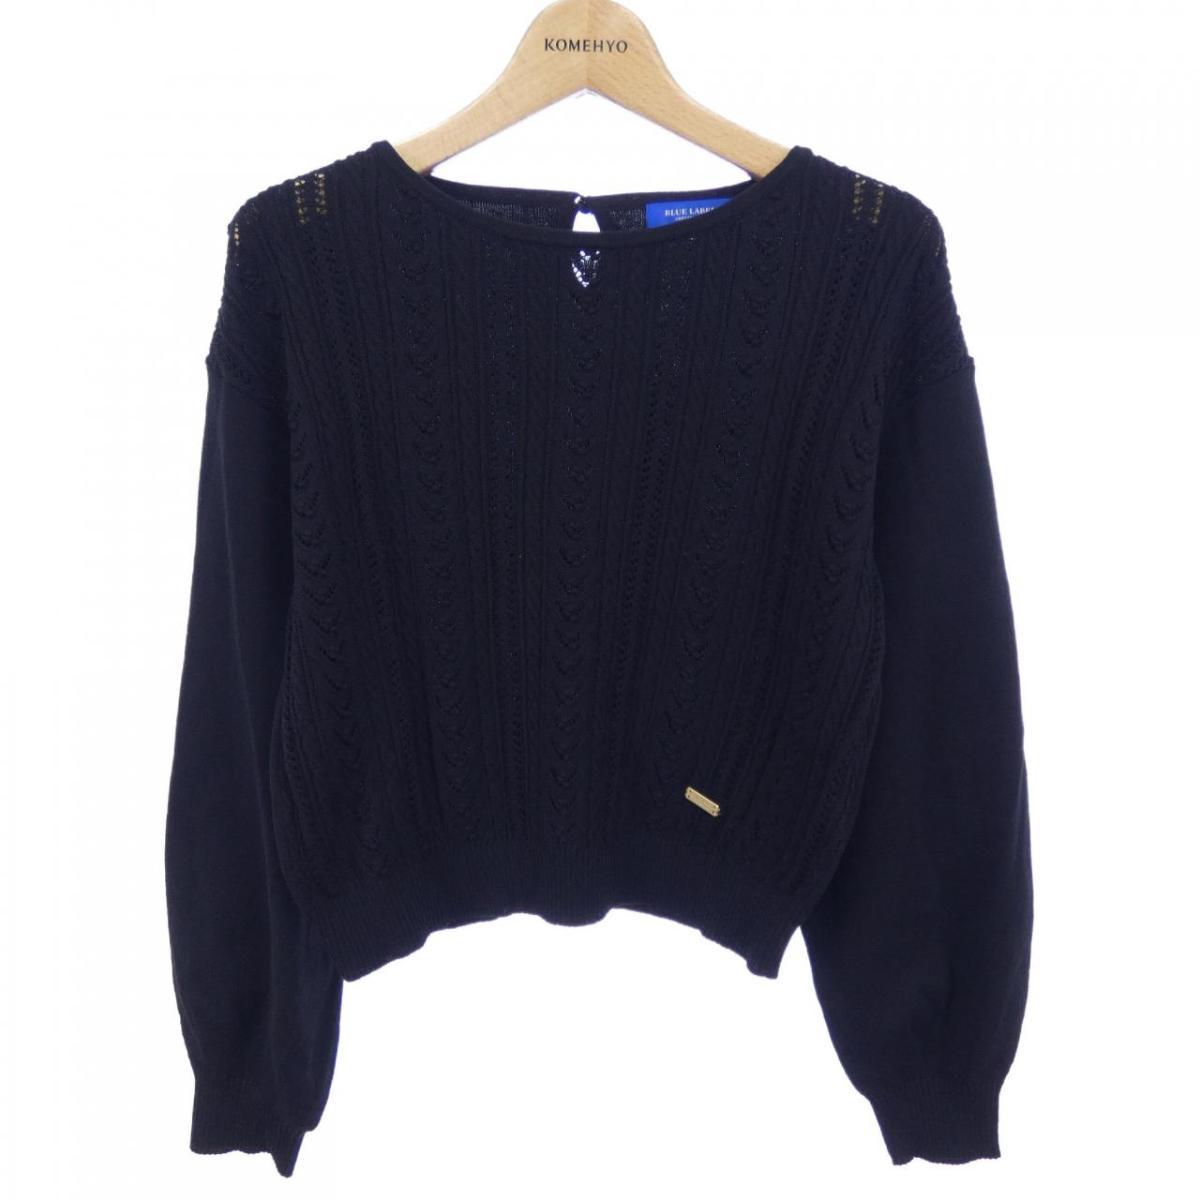 ニット・セーター, セーター  BLUE LABEL CRESTBRID